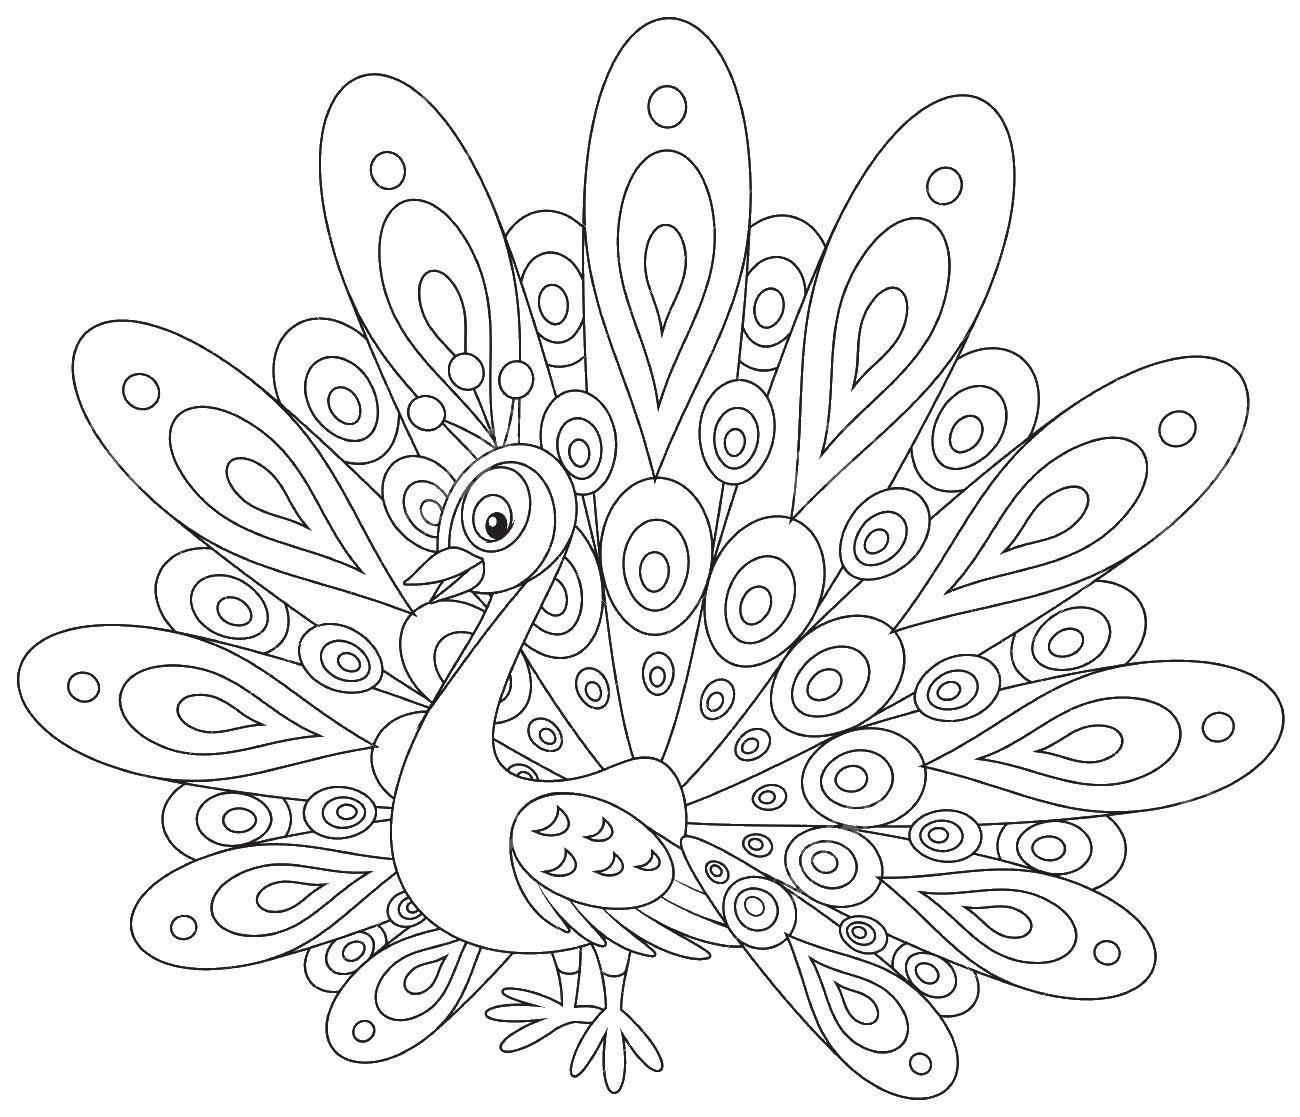 Раскраски домашние птицы павлин, птицы зоопарка павлины  Павлин с шикарным хвостом